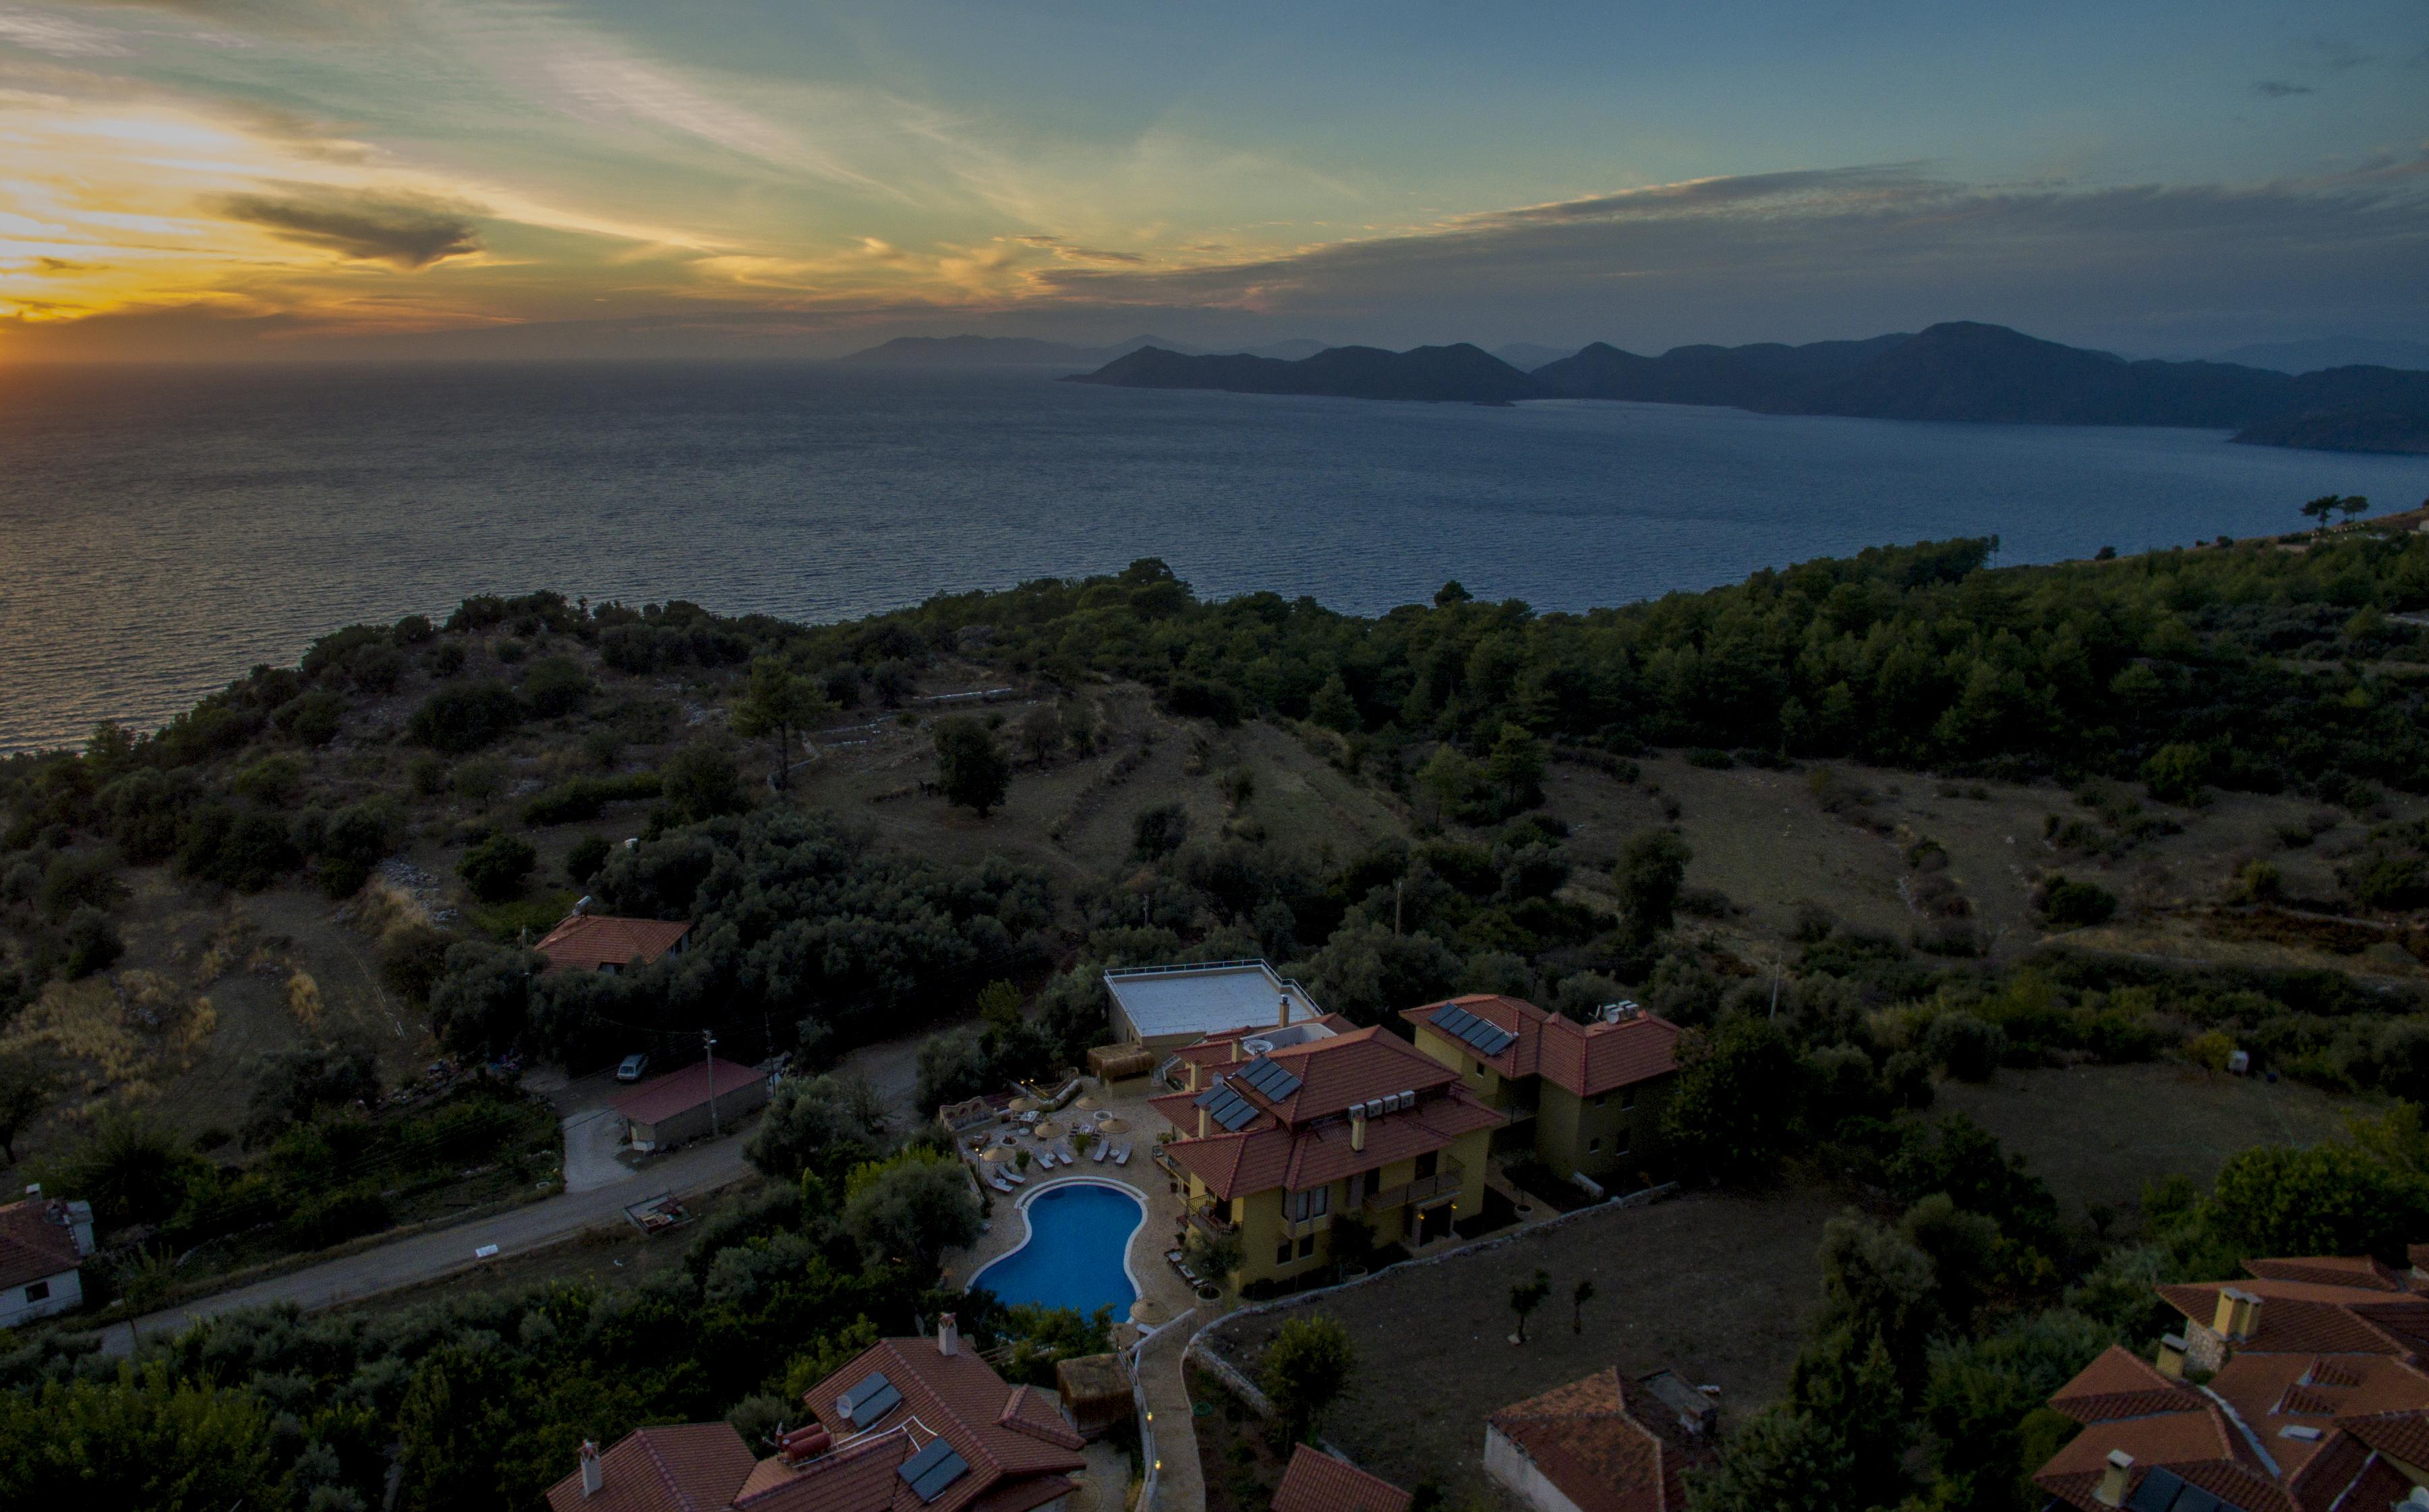 Ferienwohnung Luxurise Unterkunft und persnliches Ambiente in unzerstrter Natur (2742320), Fethiye, , Ägäisregion, Türkei, Bild 7